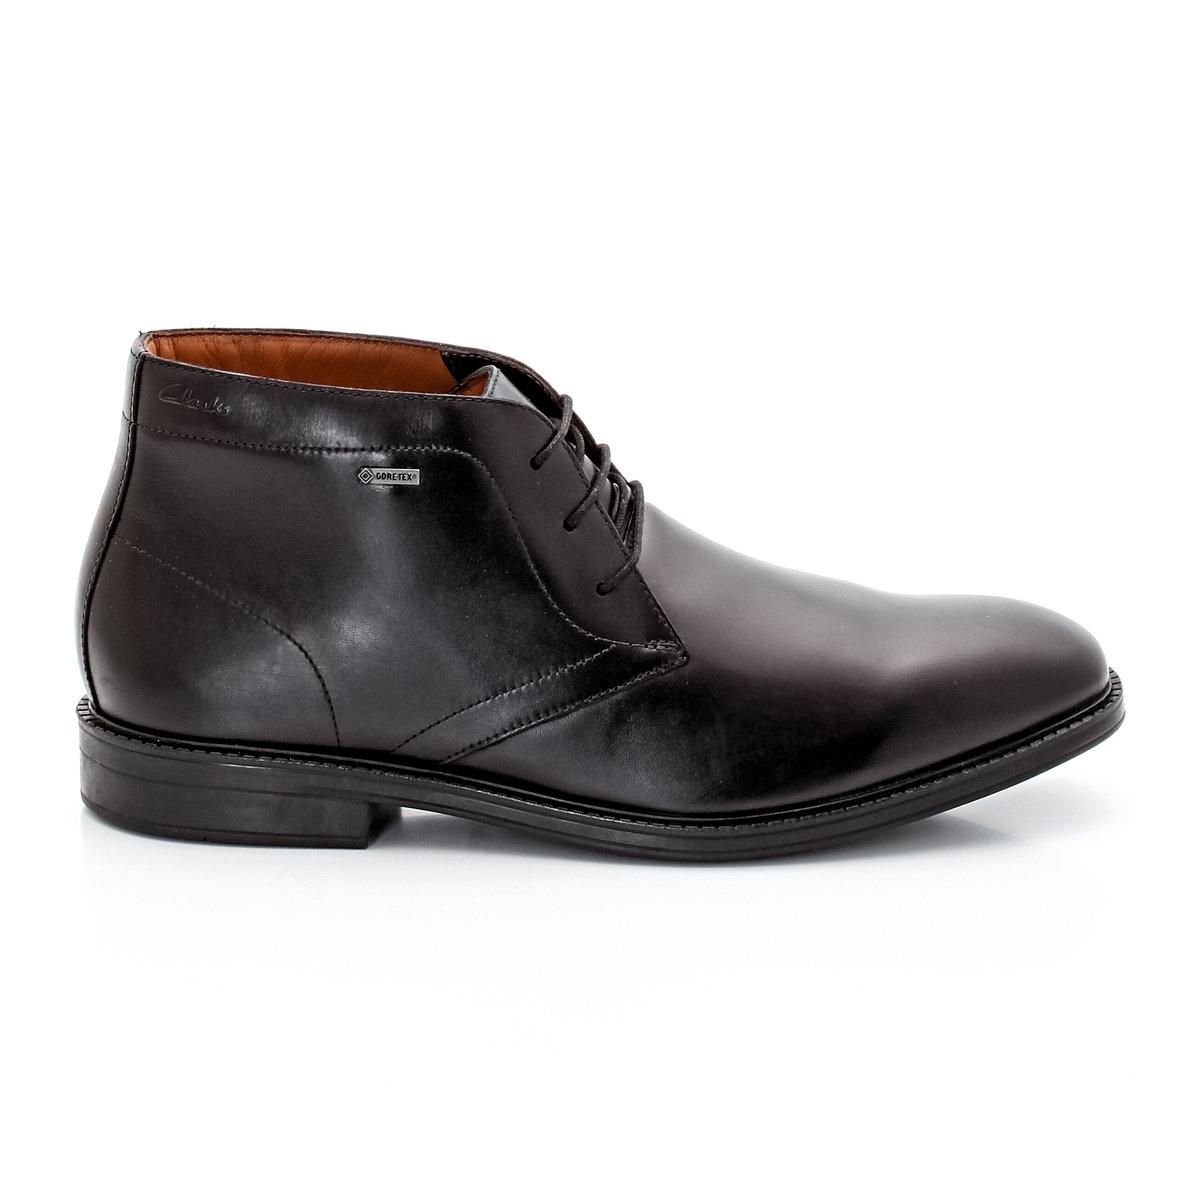 Ботинки кожаные CLARKS Chilver Hi GTXПреимущества: классический стиль и непревзойденный комфорт кожаных ботинок от CLARKS способны сразить каждого любителя качественной обуви.<br><br>Цвет: черный